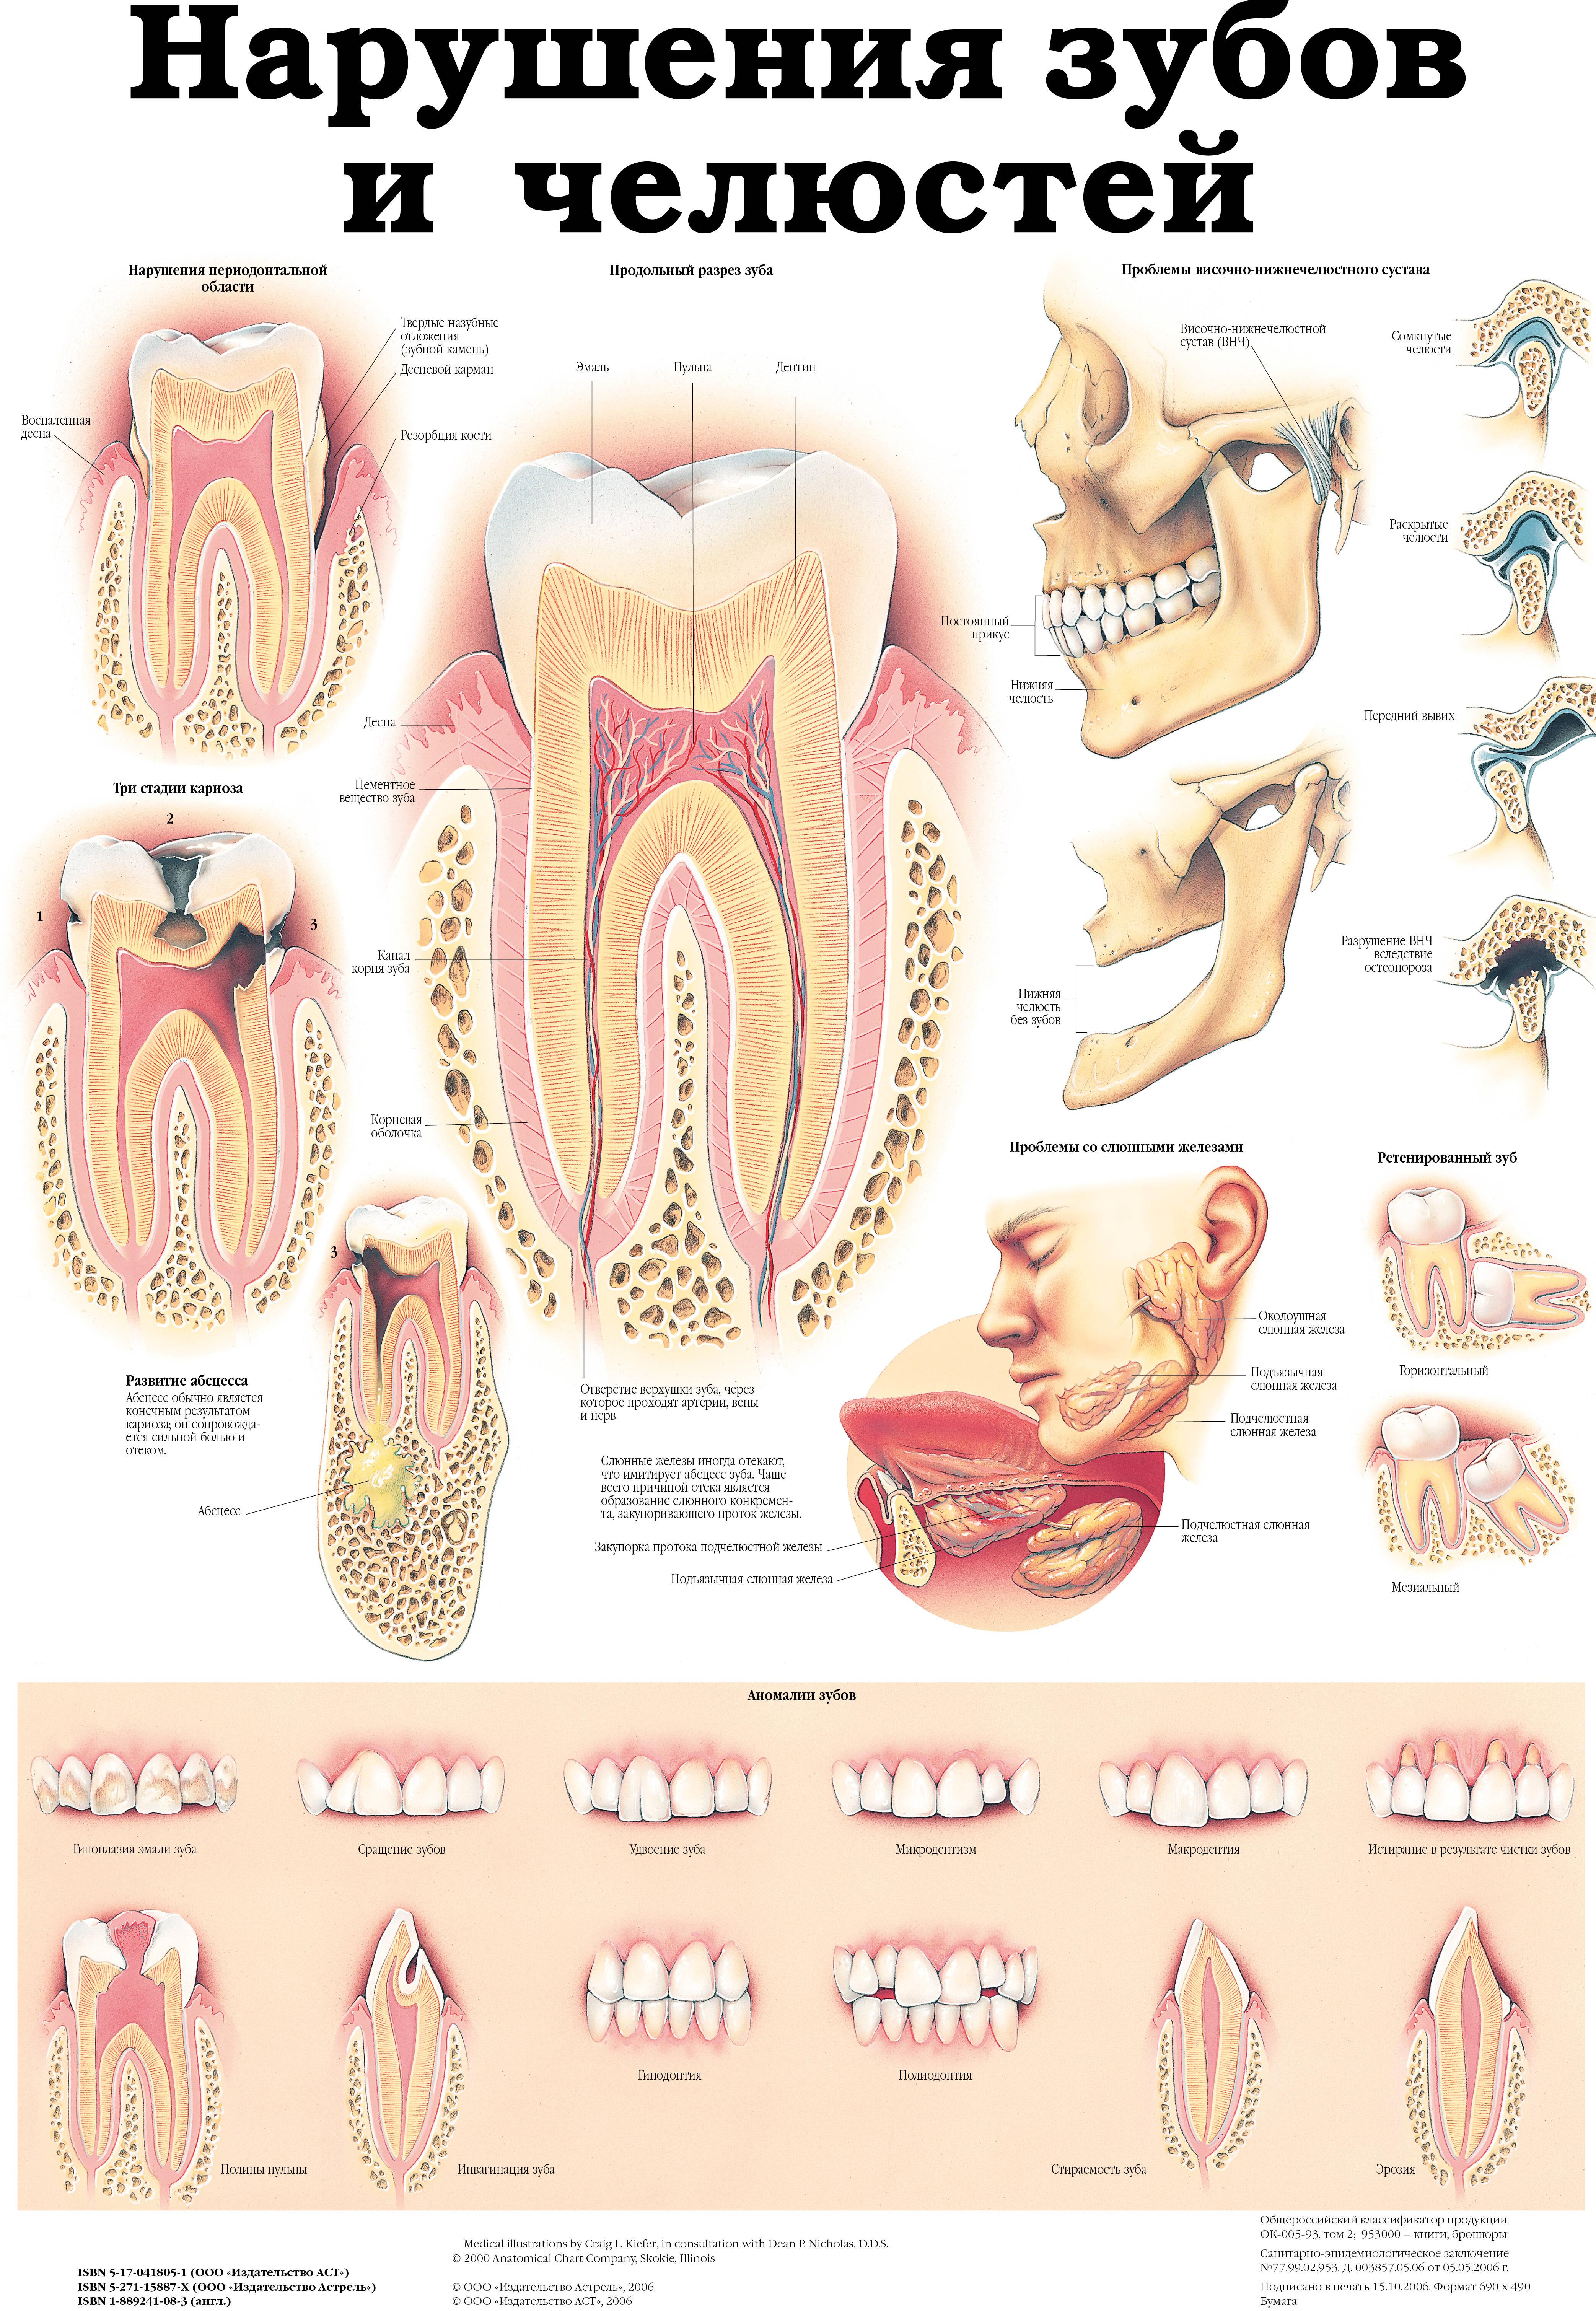 Височно нижне челюстной сустав в детском саду суторан от суставов